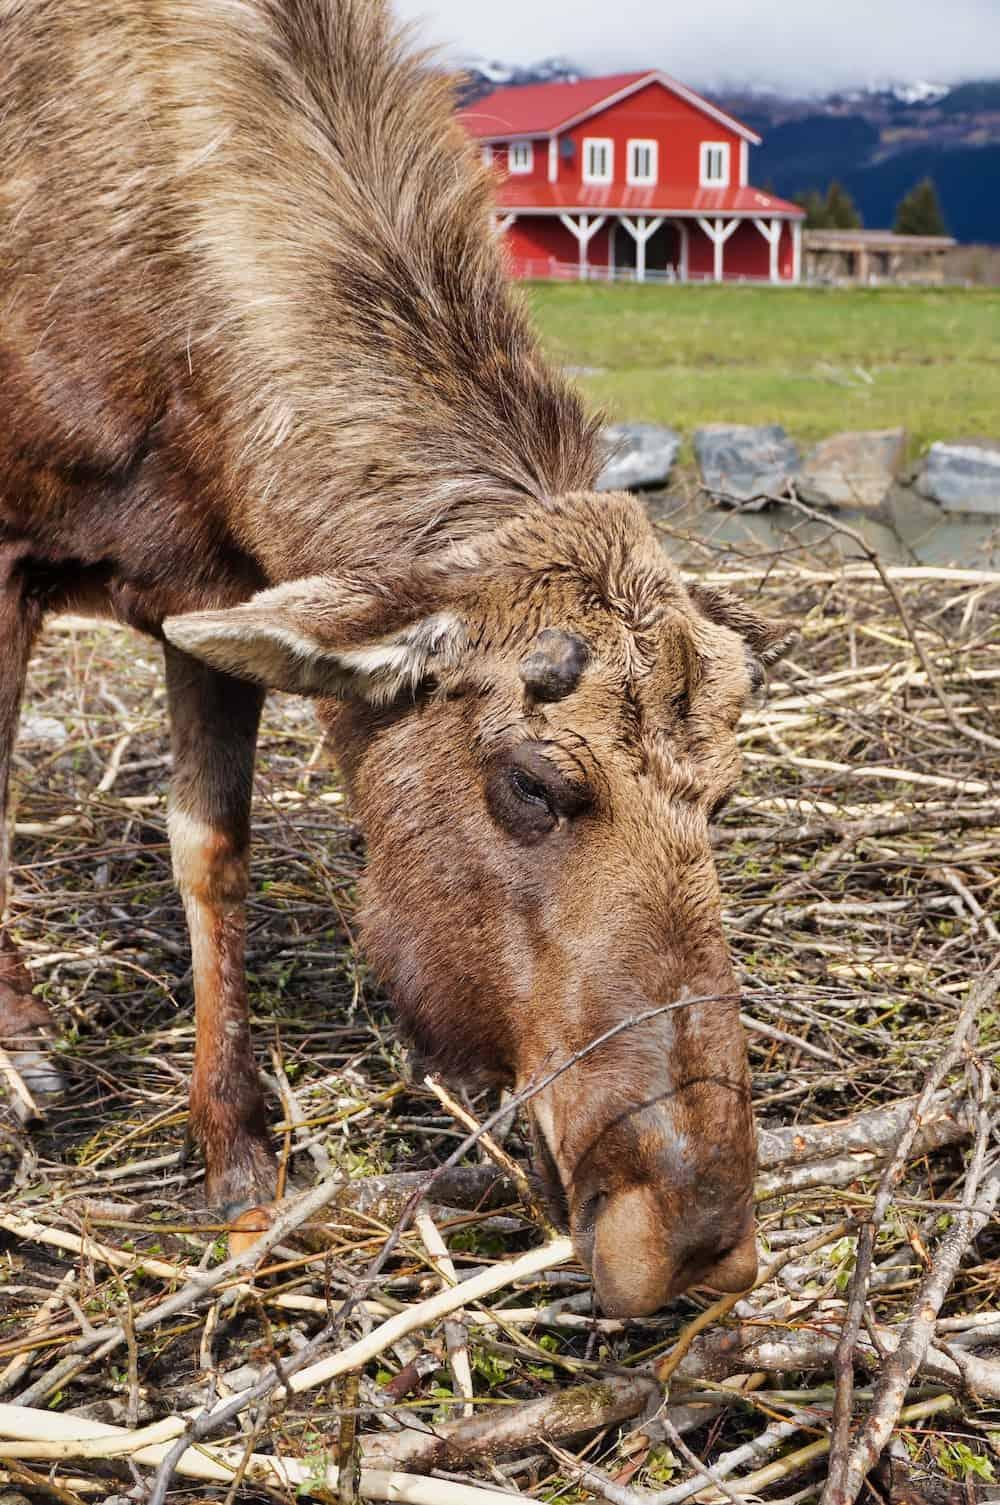 Alaska's Big 5 - Moose at Alaska Wildlife Conservation Center